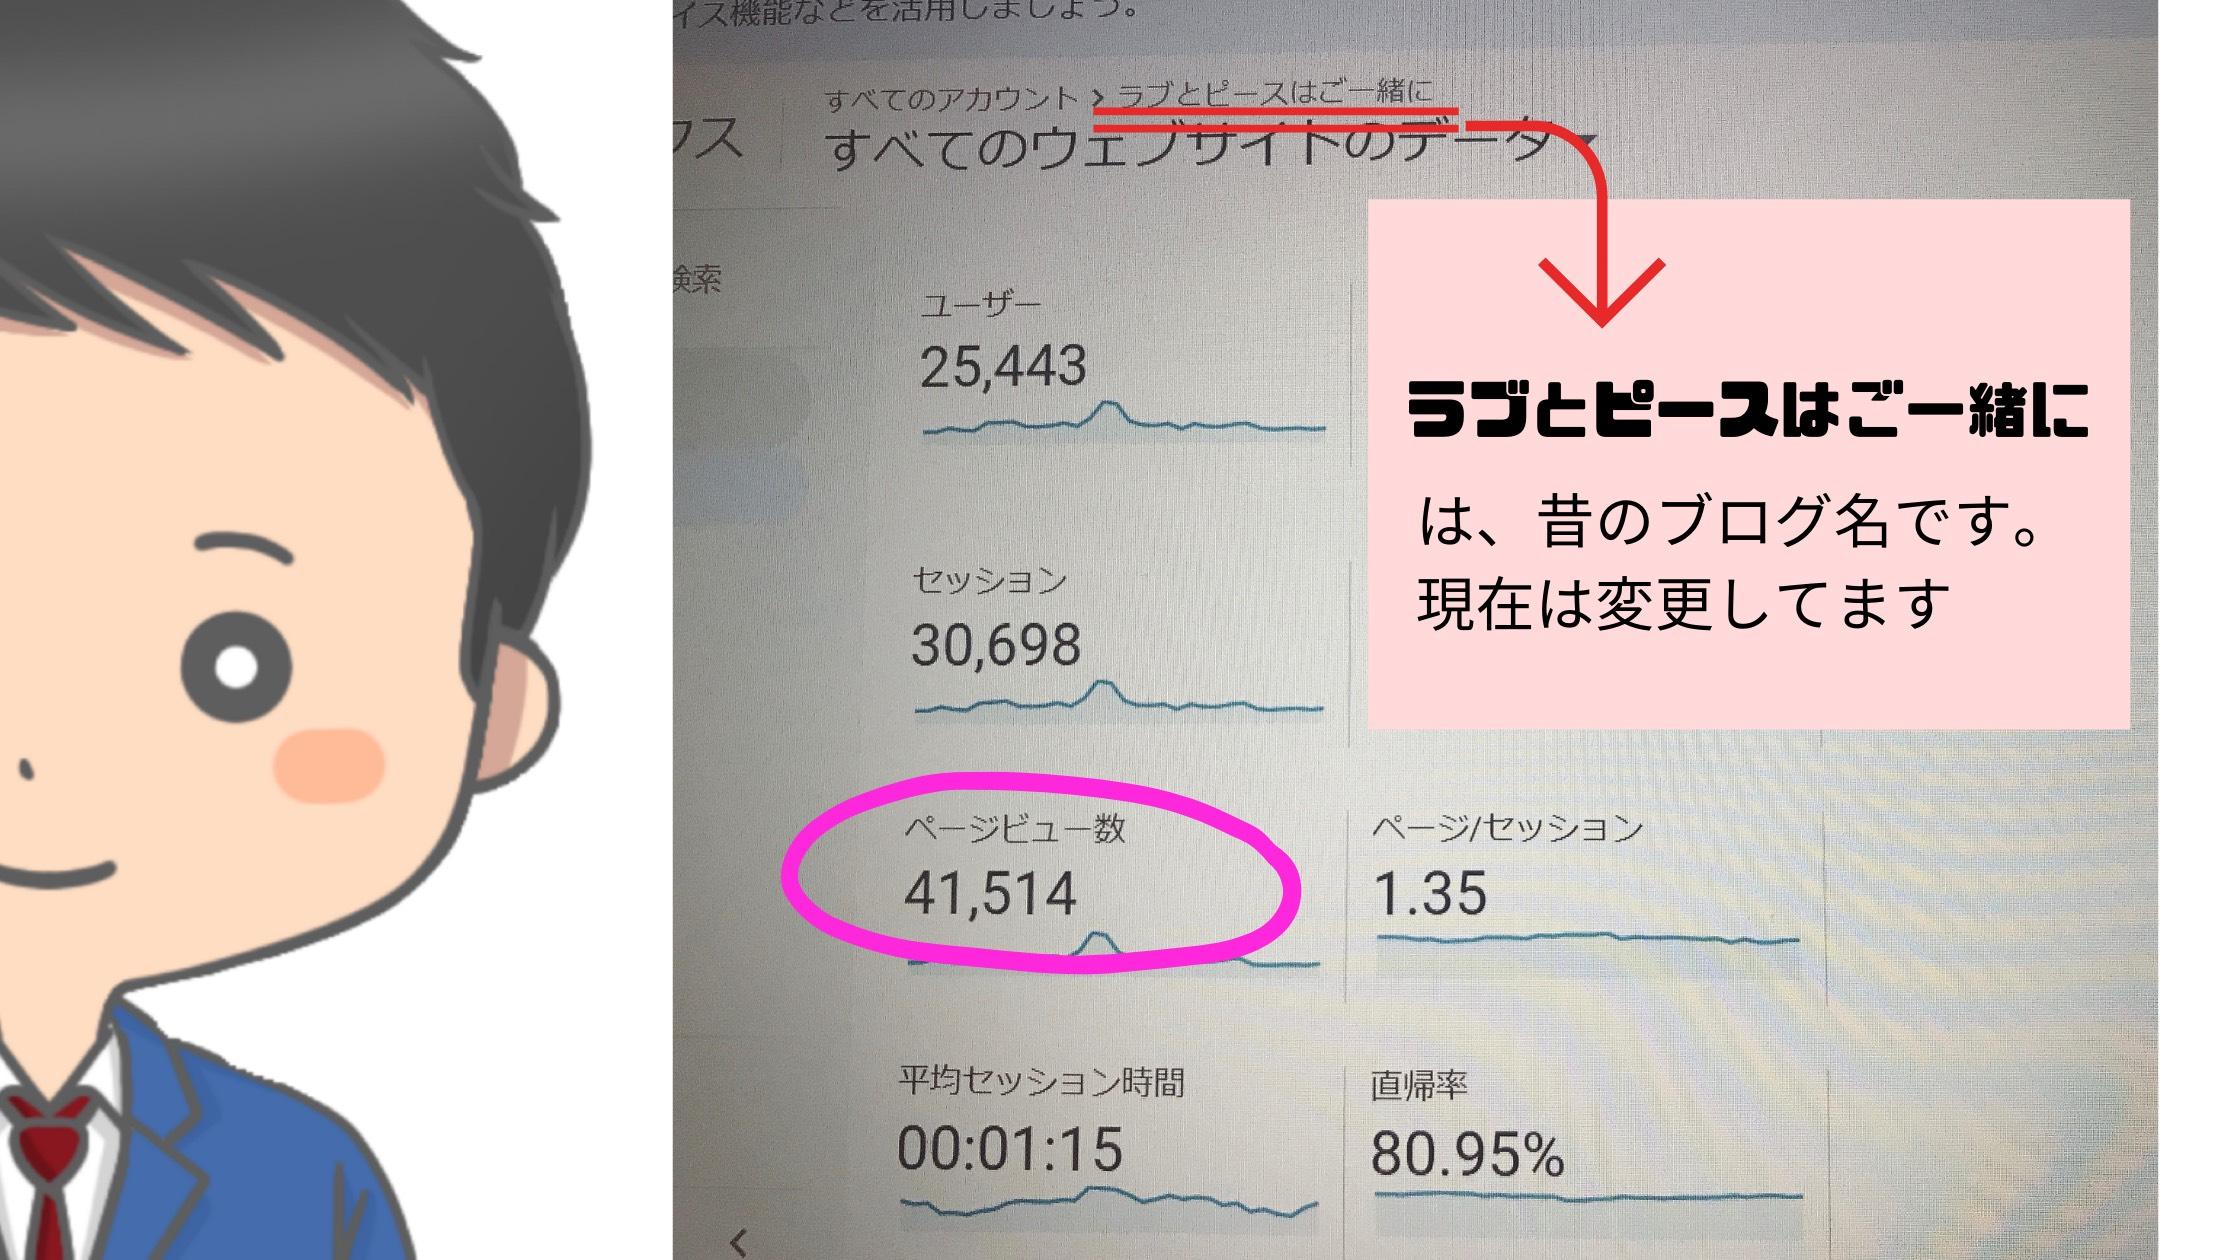 別ブログにて月間4.0万PVを達成